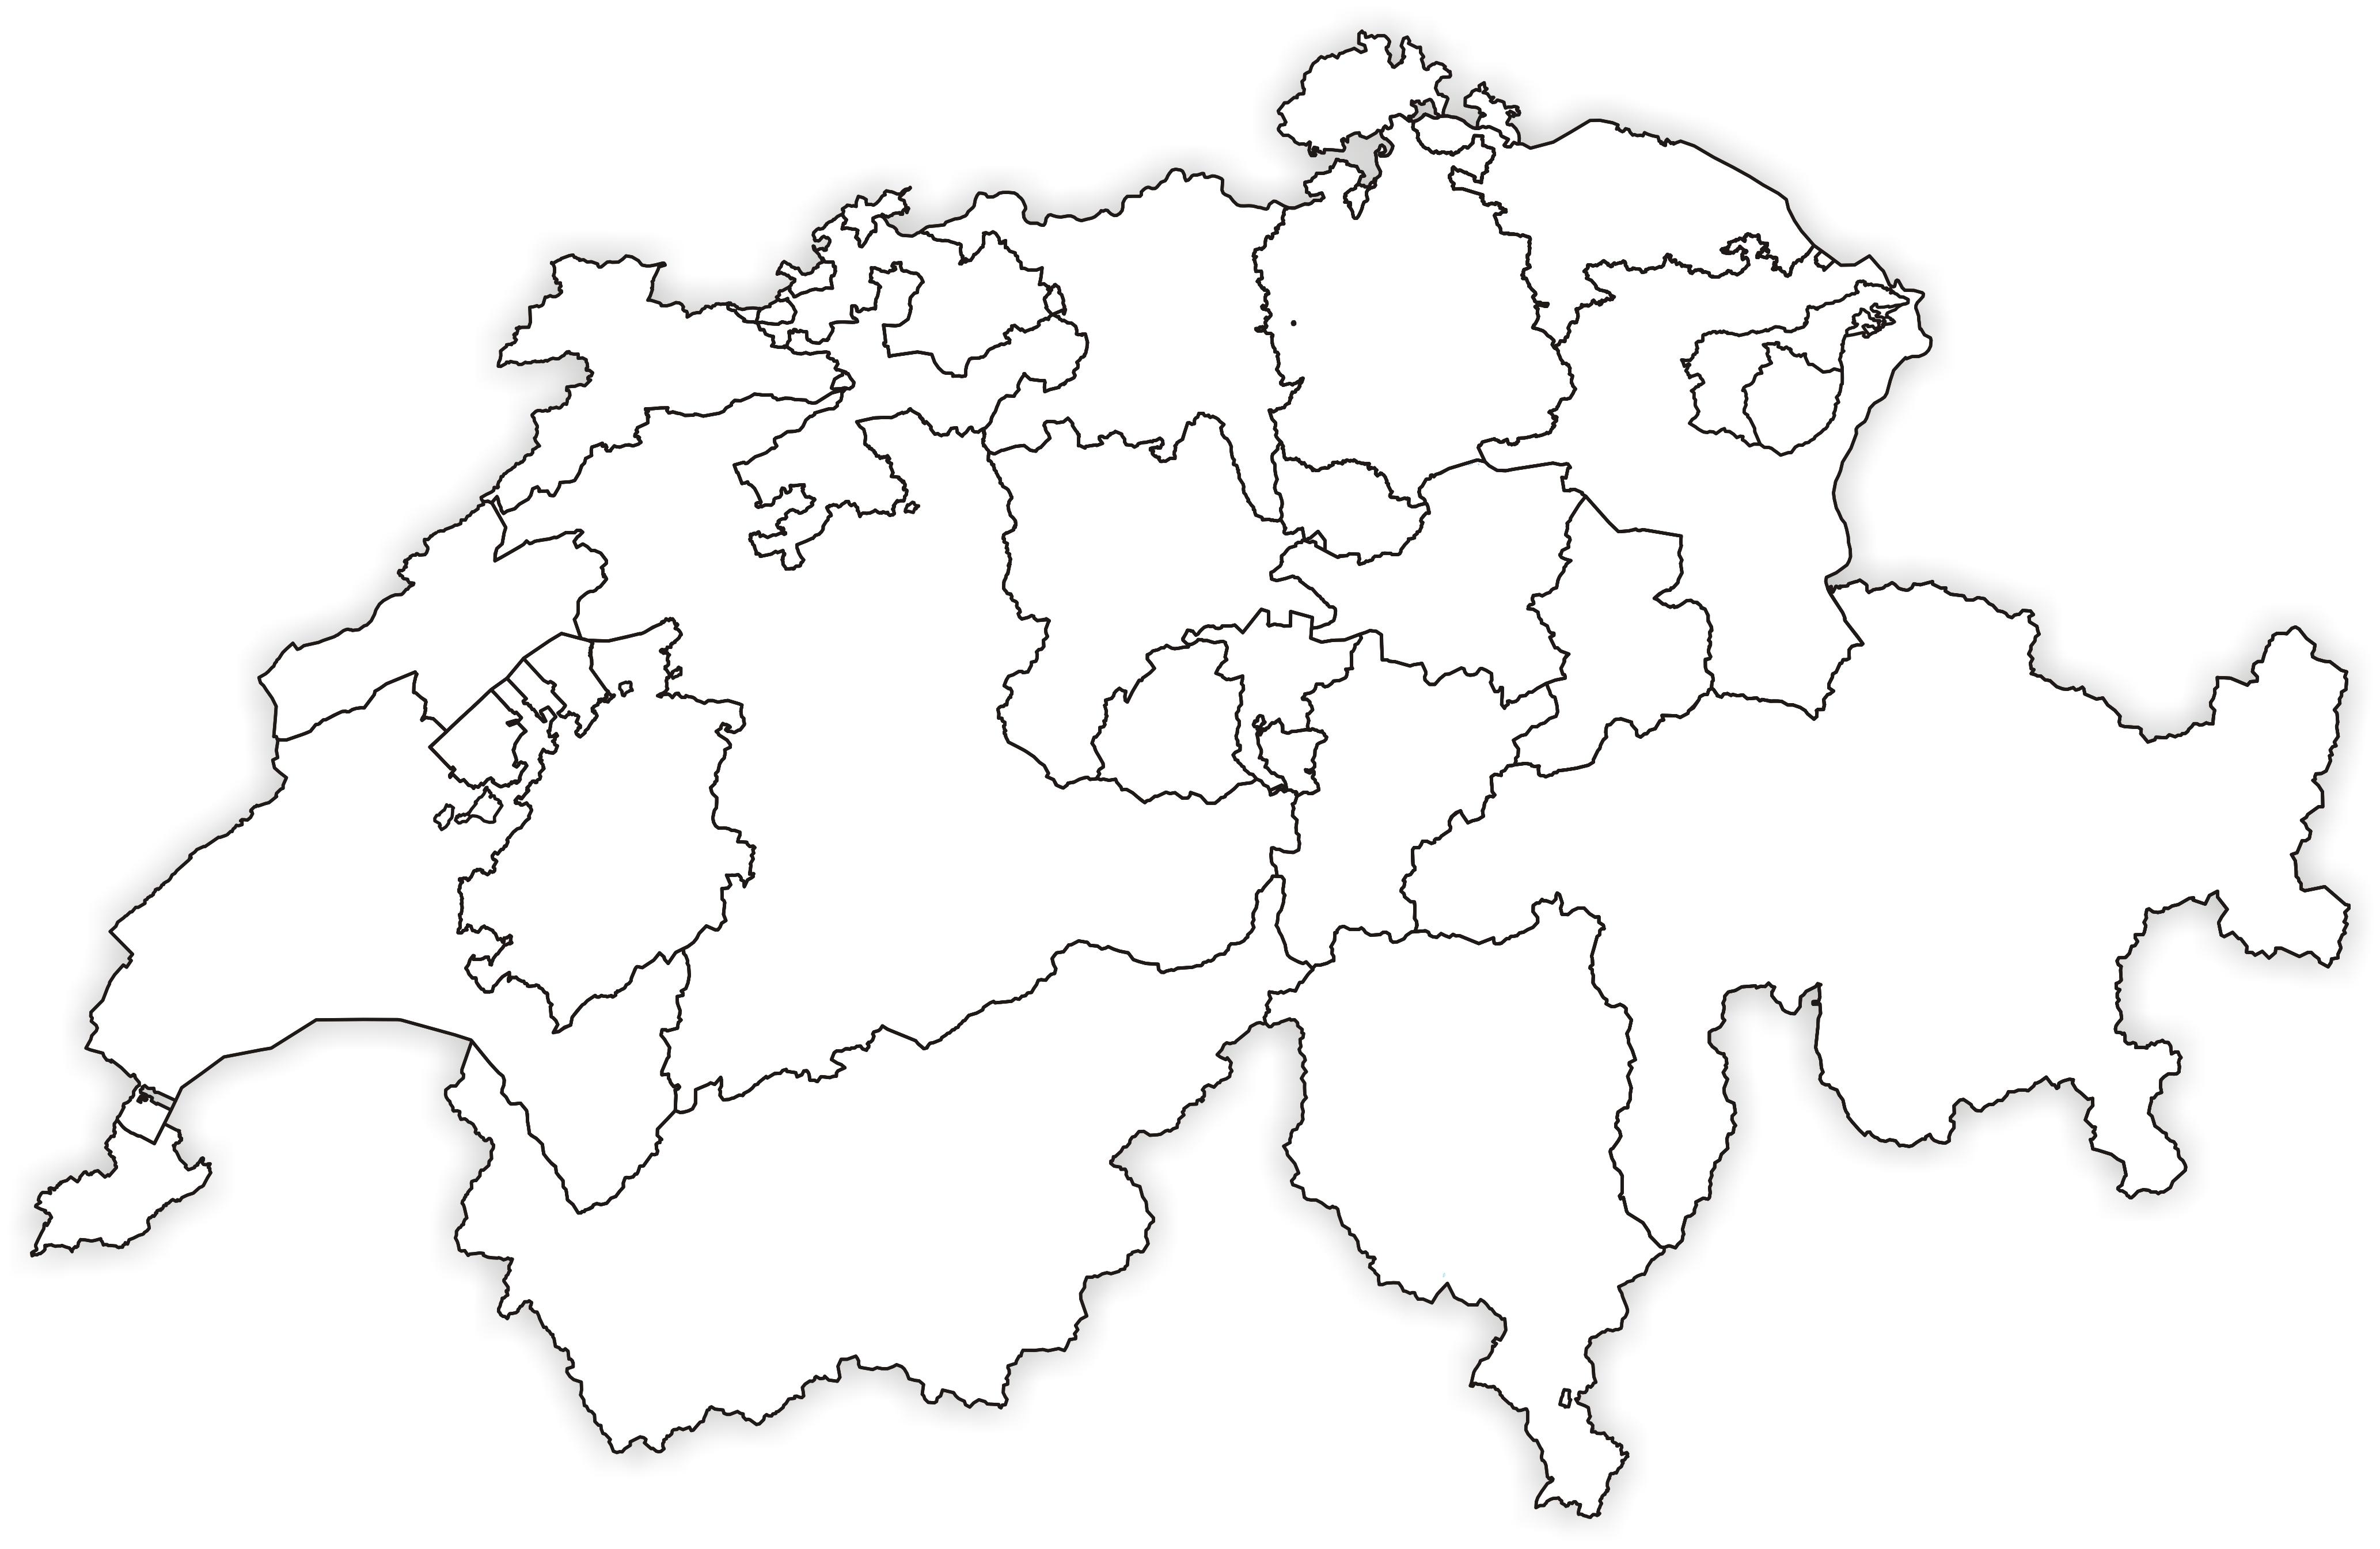 File:Karte Kantone der Schweiz 1996 ohne Seen.png - Wikimedia Commons SCHWEIZER KARTE